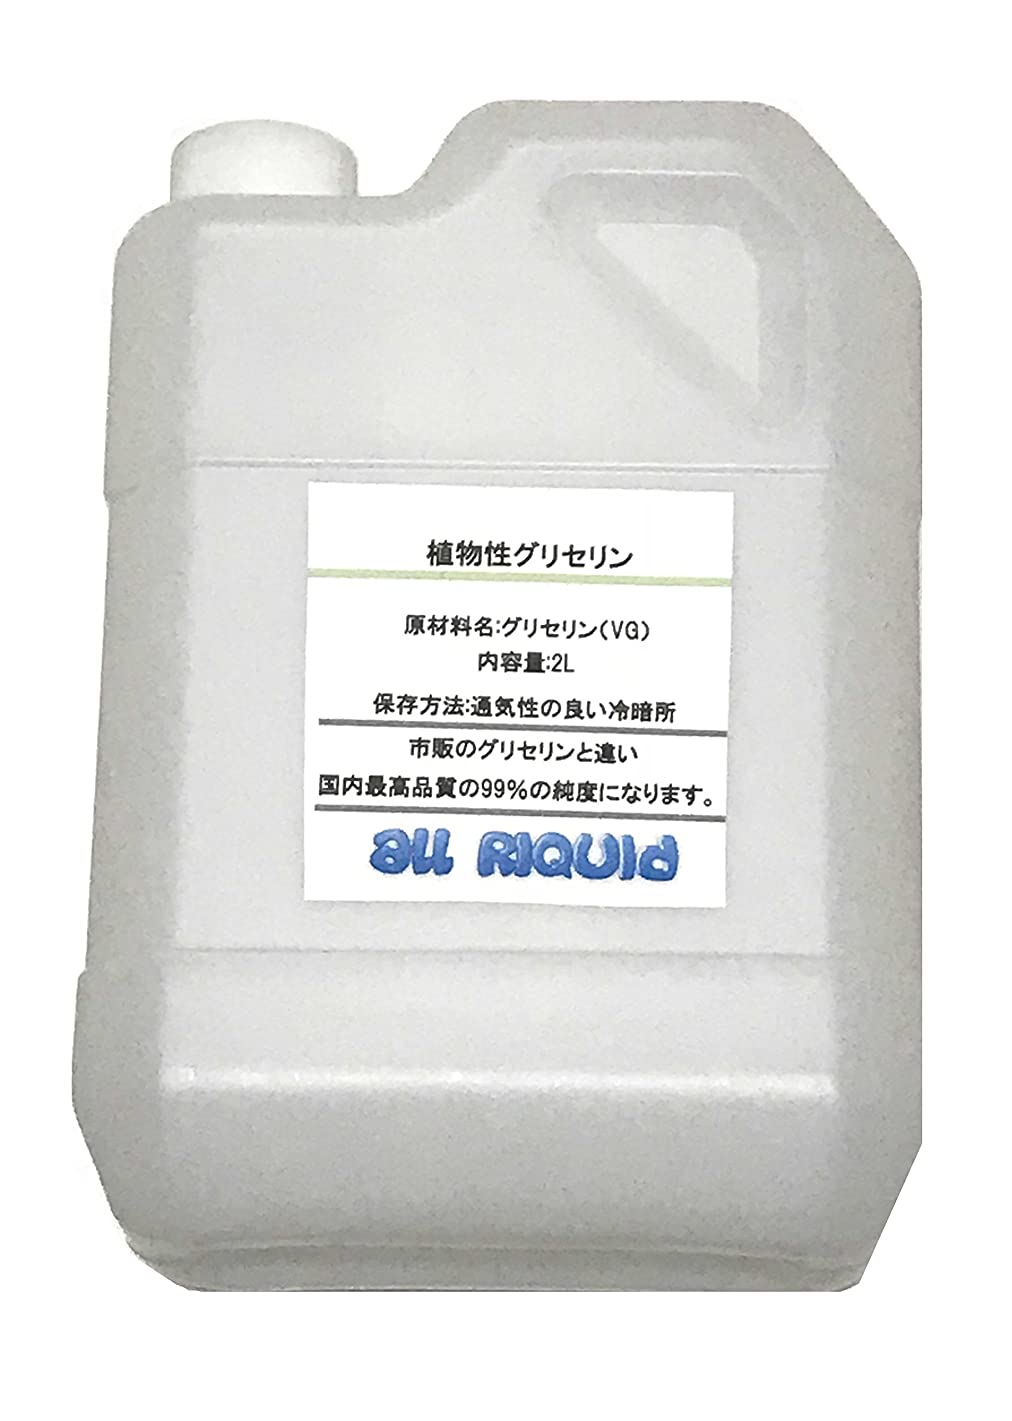 既婚後継サンダー(VG)植物性 グリセリン2L (高濃度99%)安全な食添品使用